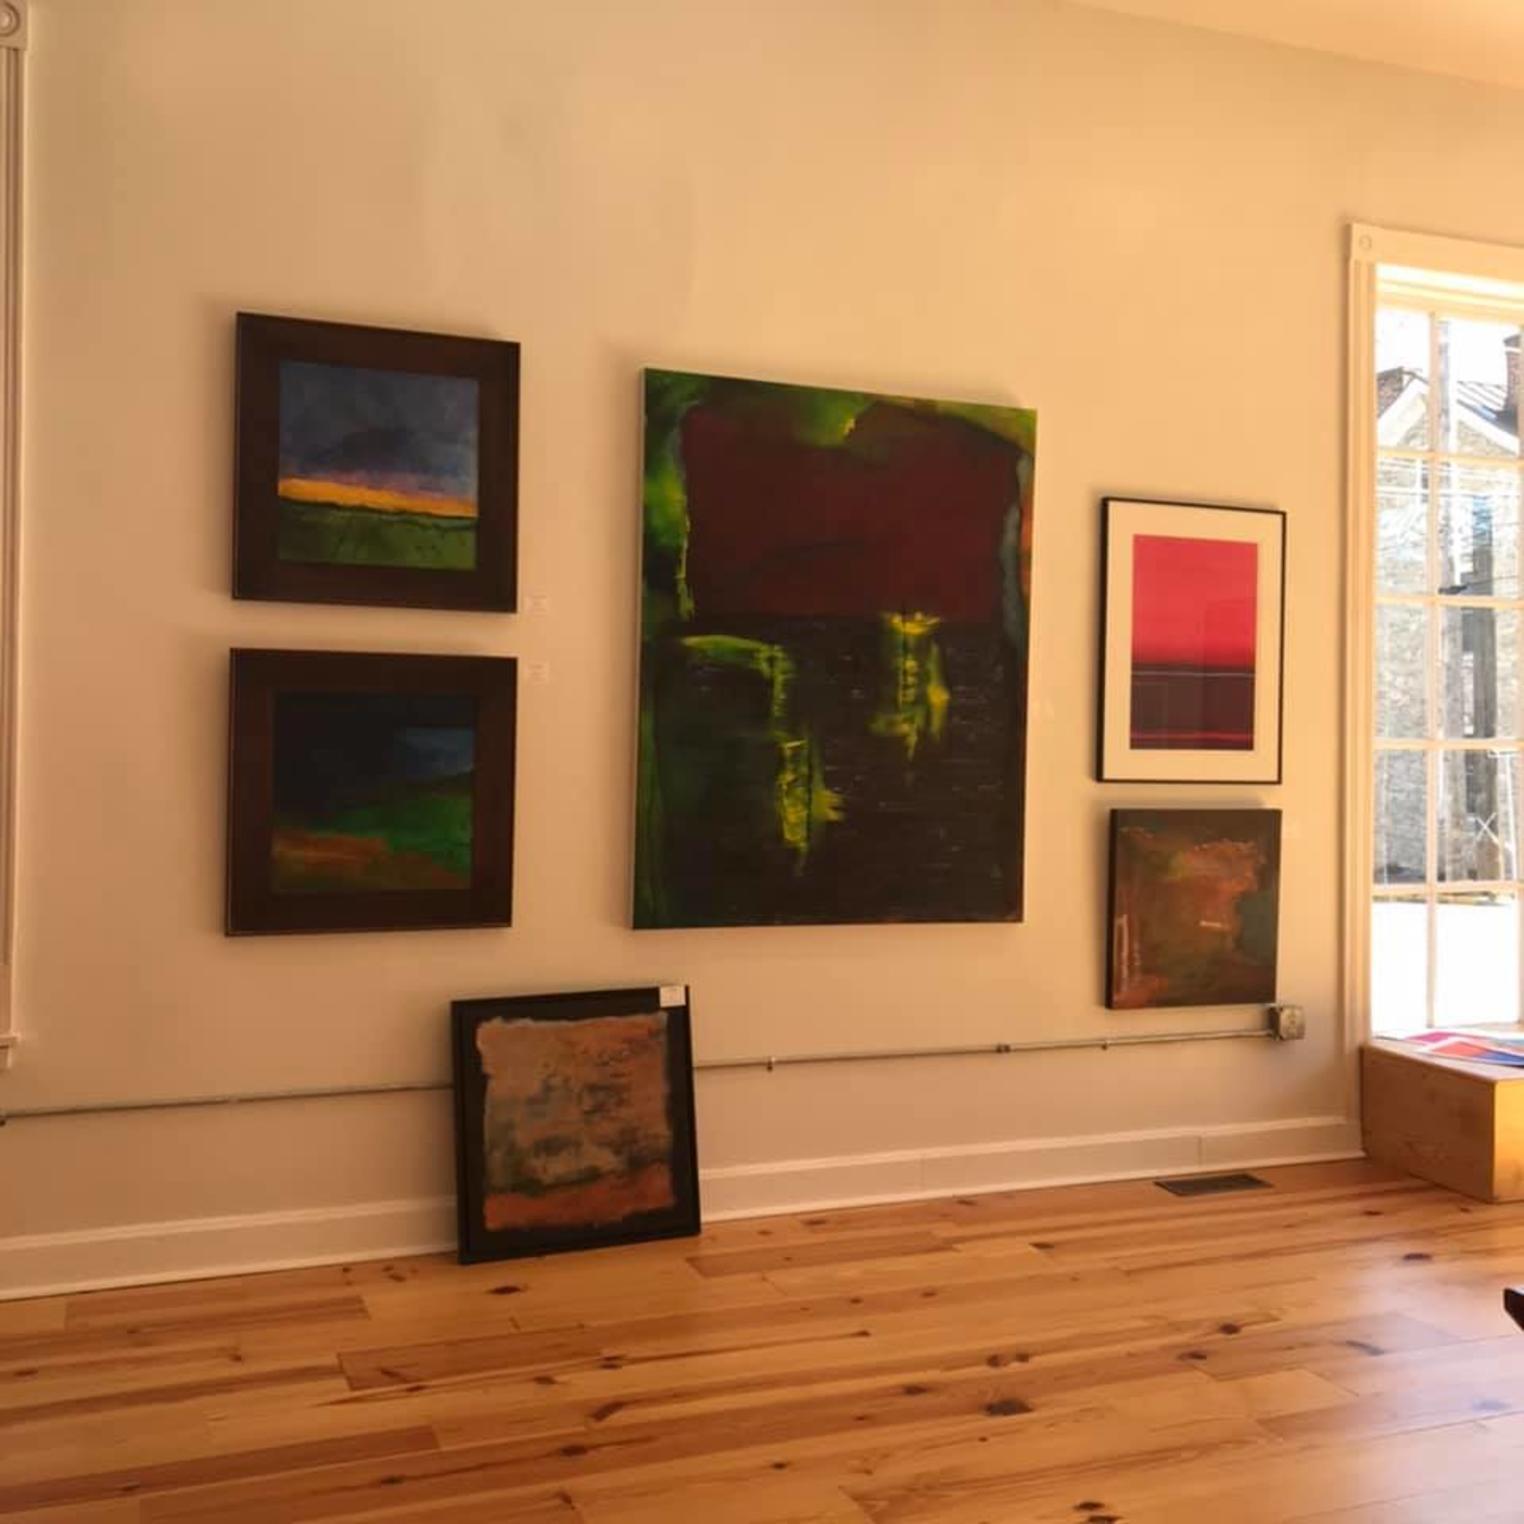 The Gallery at JN Studios